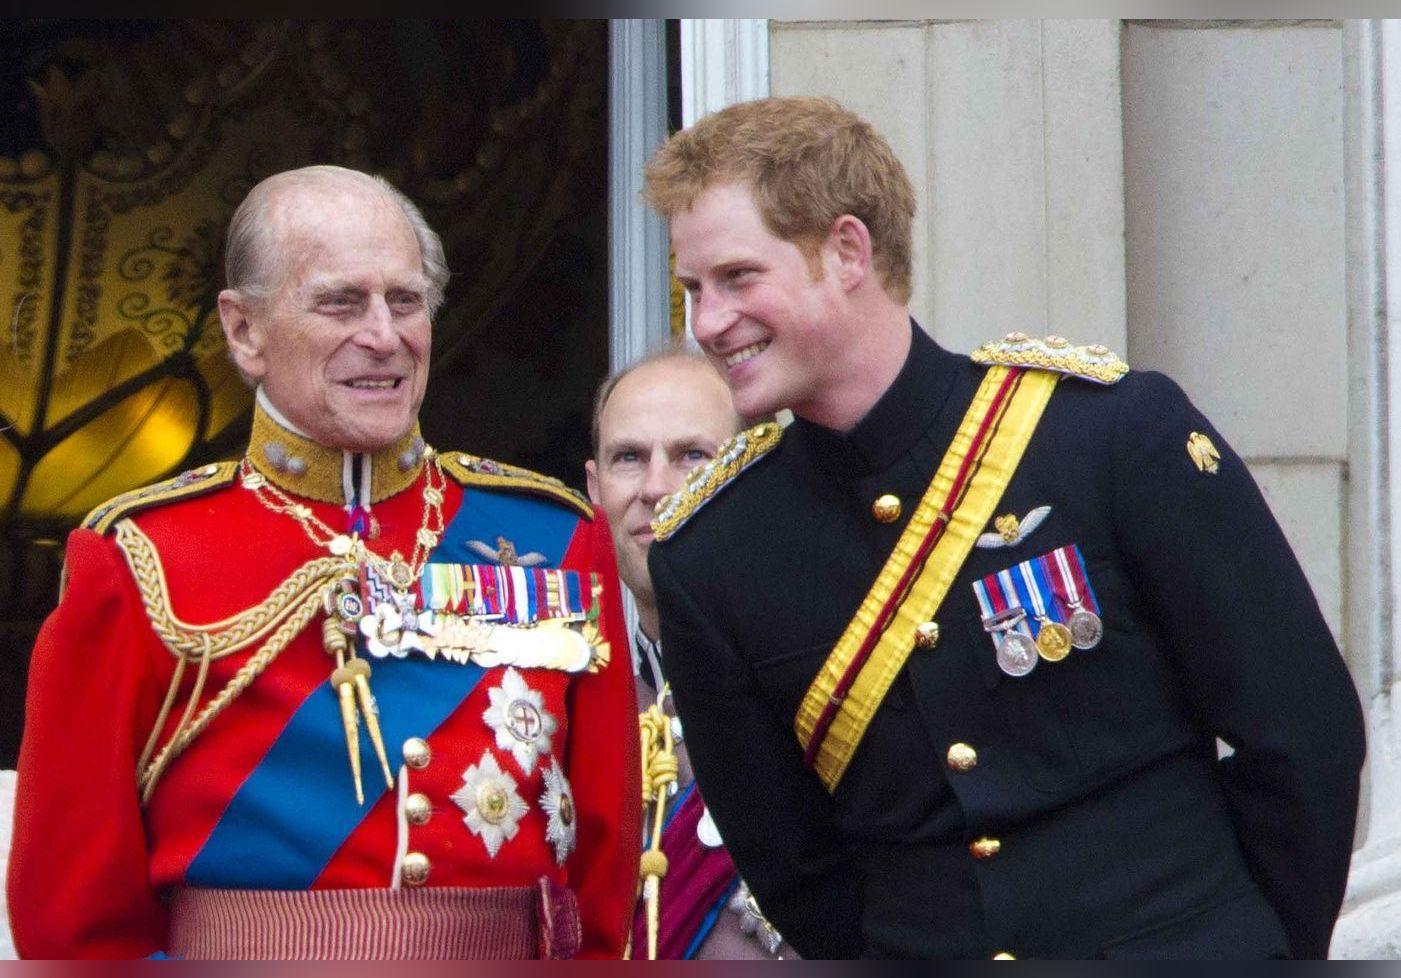 Le prince Harry en quarantaine : il réécrit son hommage au prince Philip, et c'est bouleversant